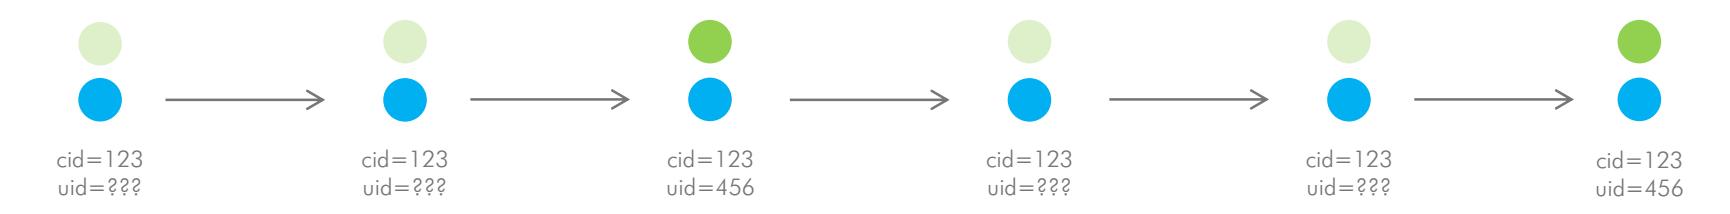 Custom cross-device data based on event level data